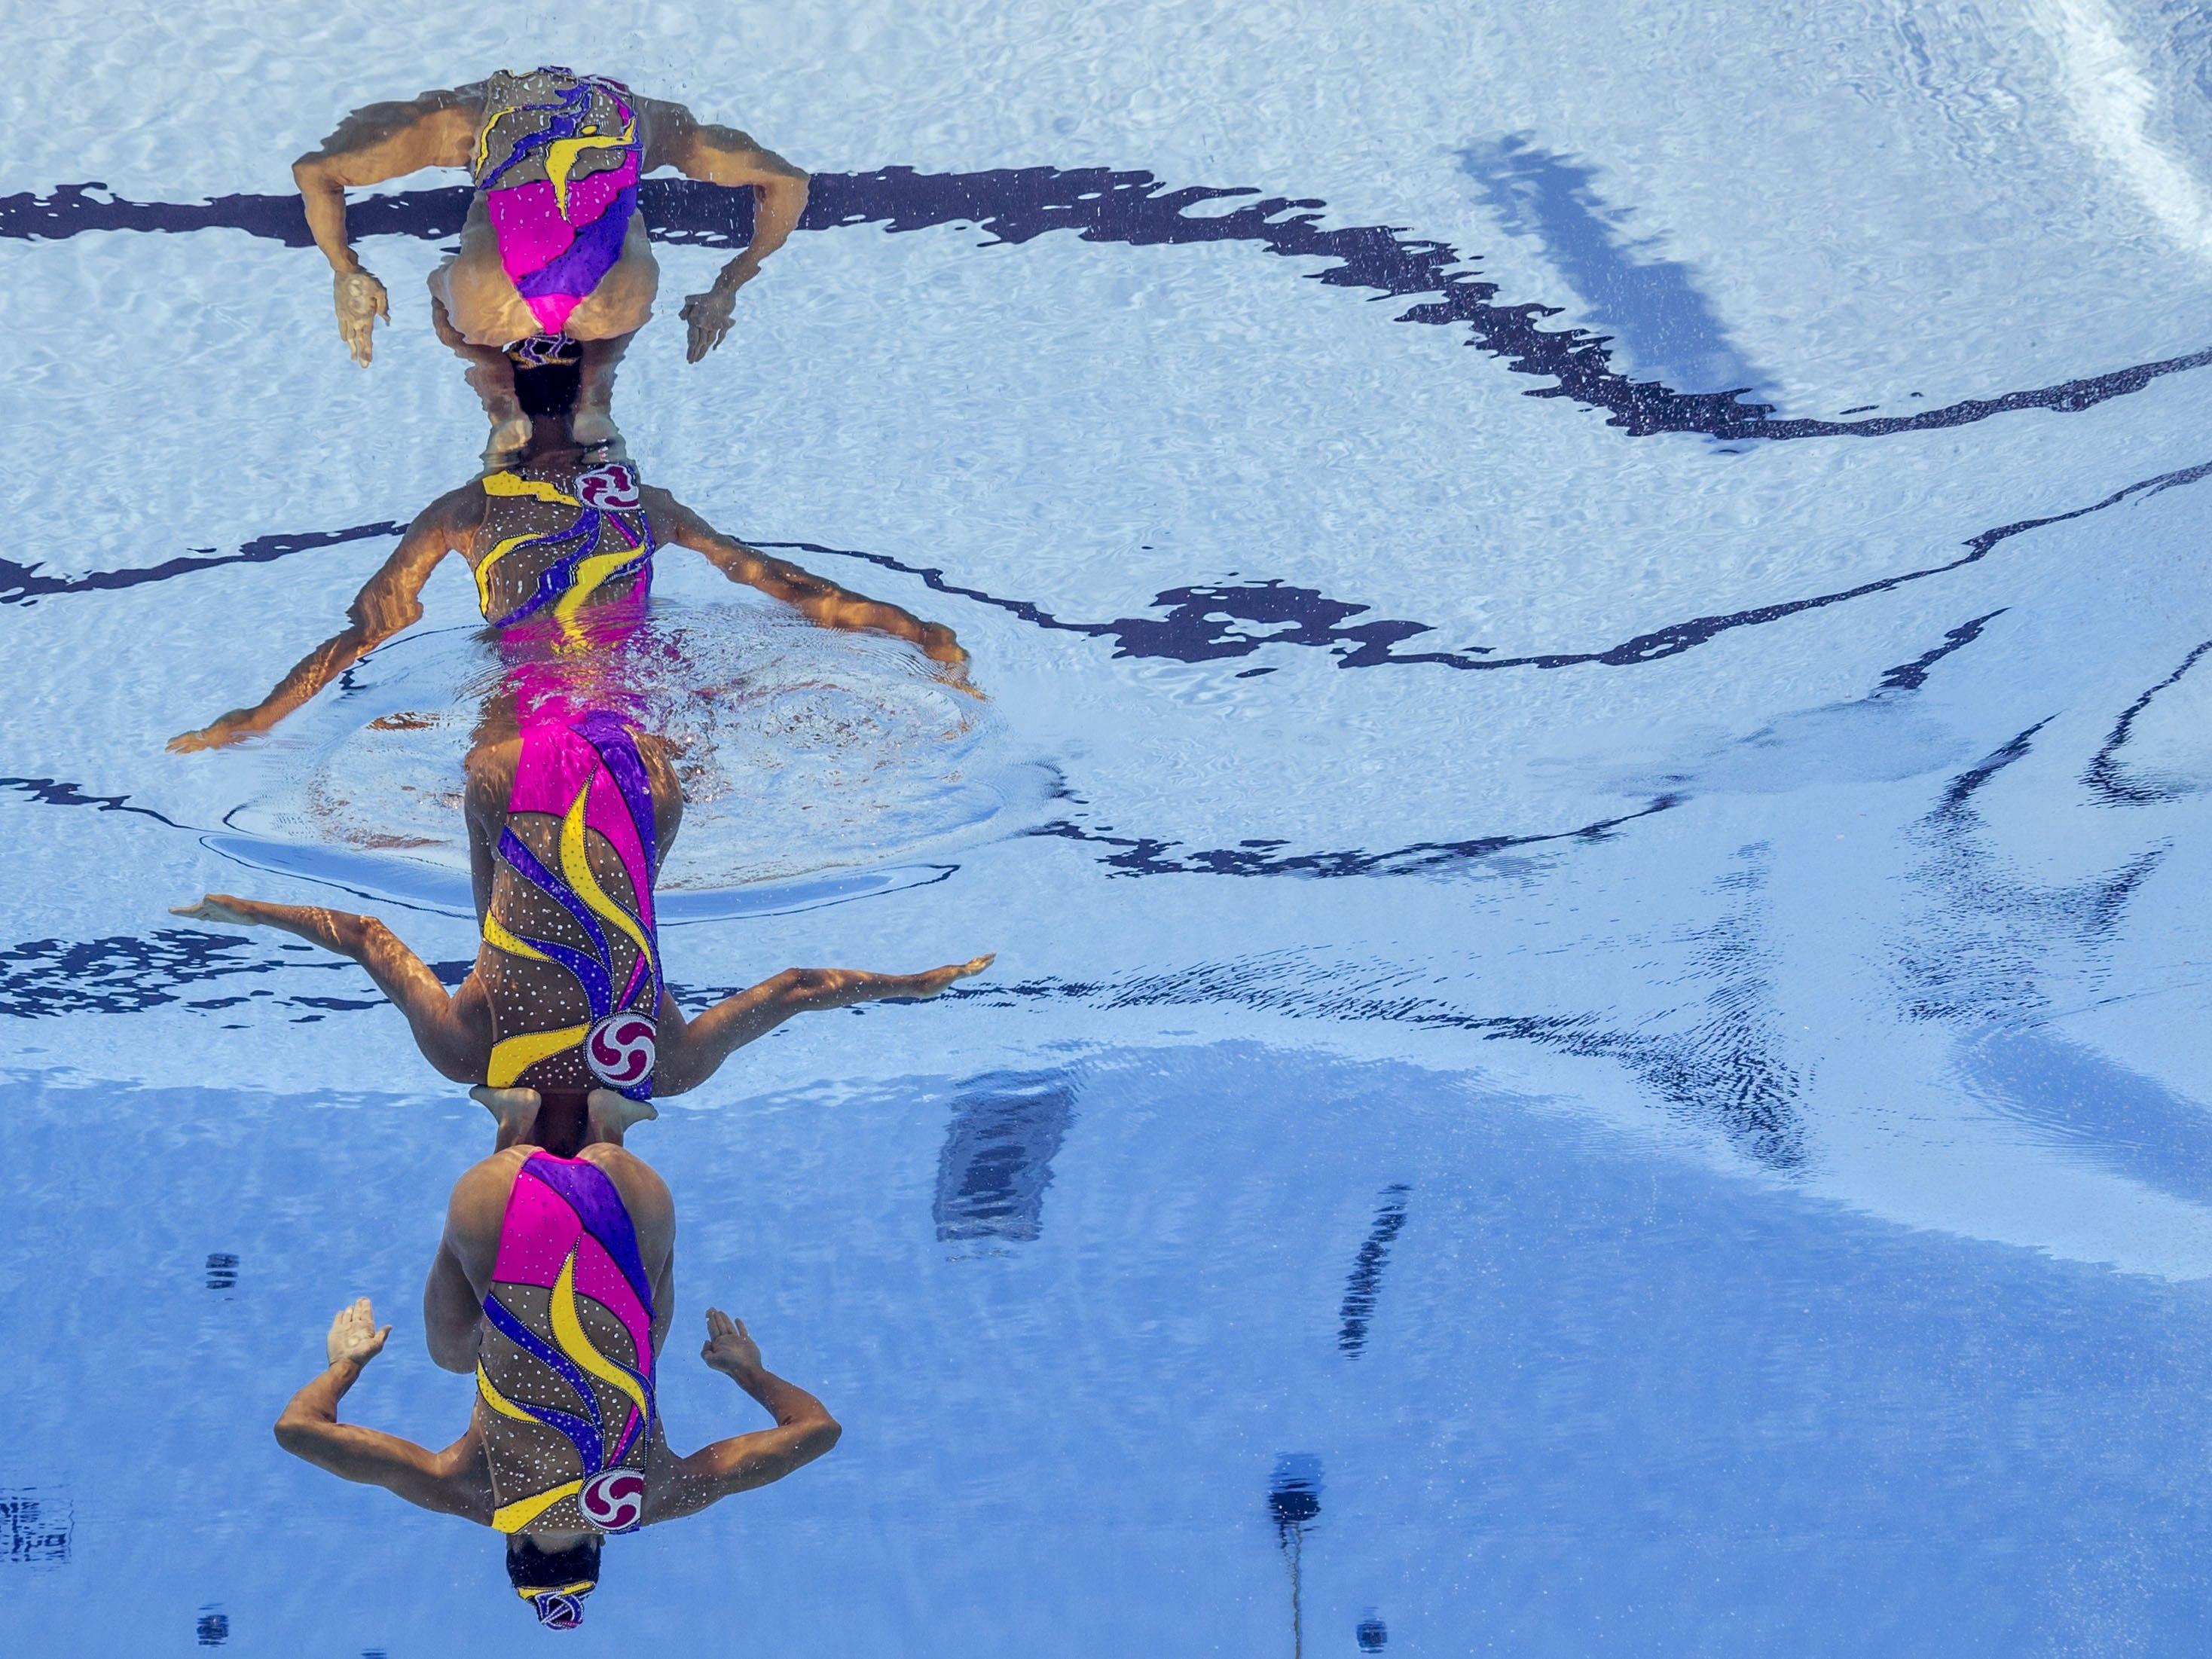 Les nedadores japoneses Yukiko Inui i Kanami Nakamaki participen en la final lliure femenina de natació sincronitzada durant el Mundial de Natació FINA, a Budapest (Hongria). /PATRICK B. KRAEMER